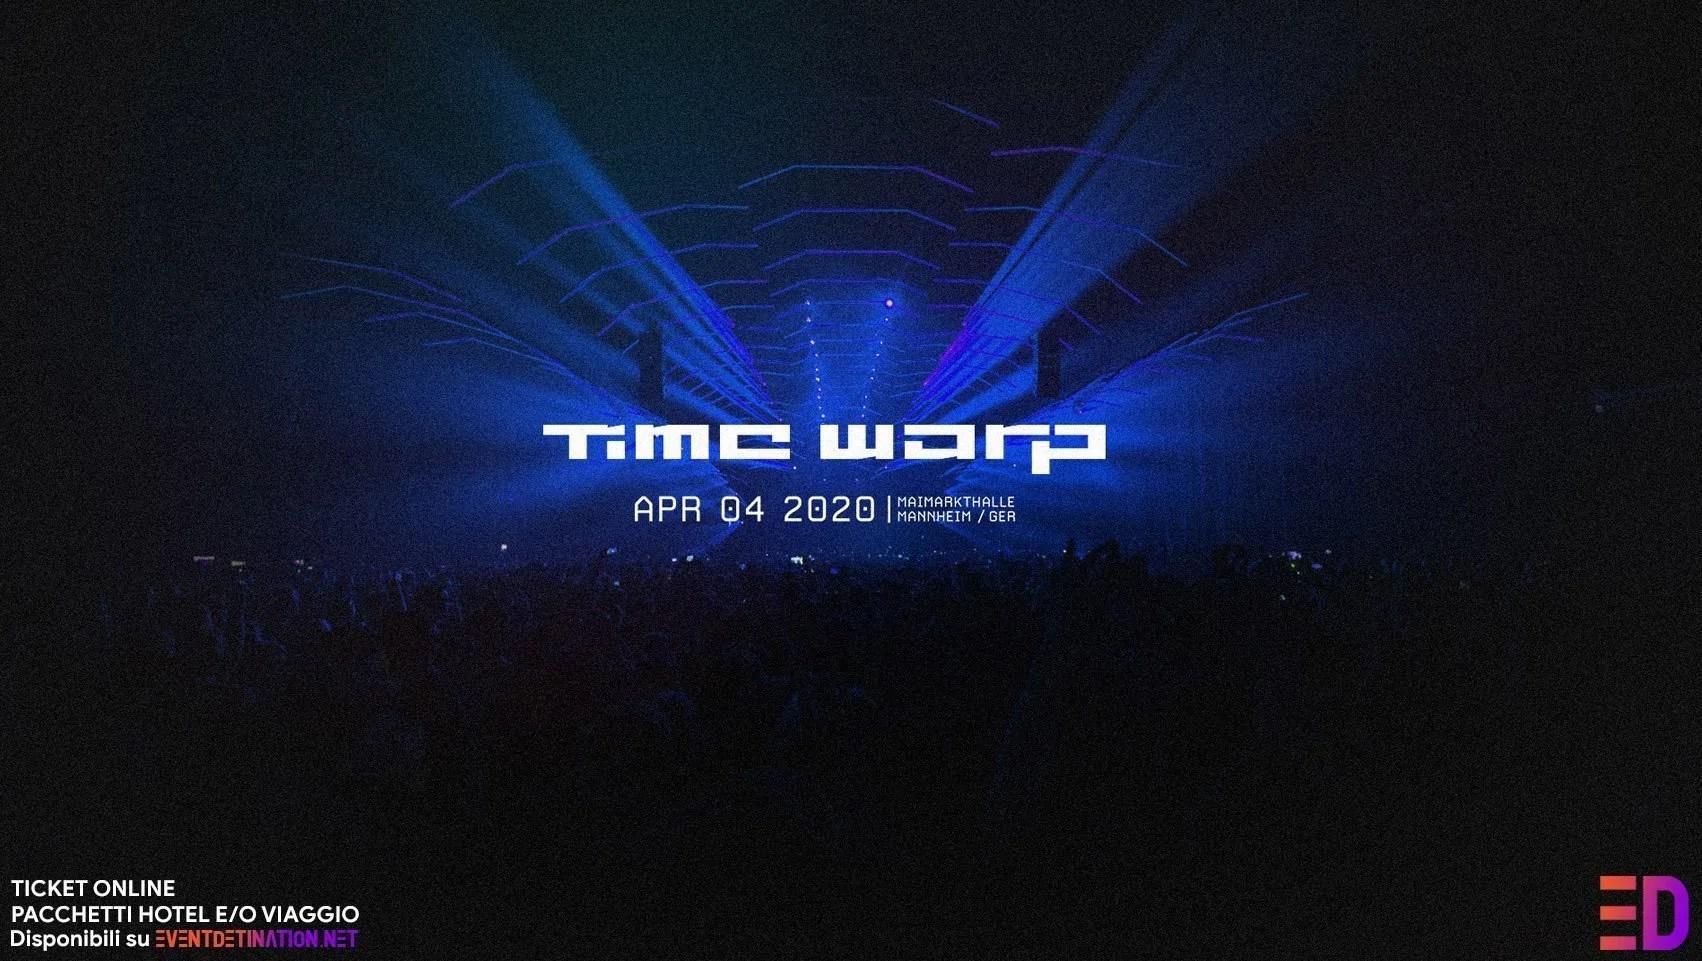 Time Warp 2020 Germany Mannheim, Sabato 04 Aprile 2020 – Ticket e Pacchetti Hotel e Pacchetti Bus